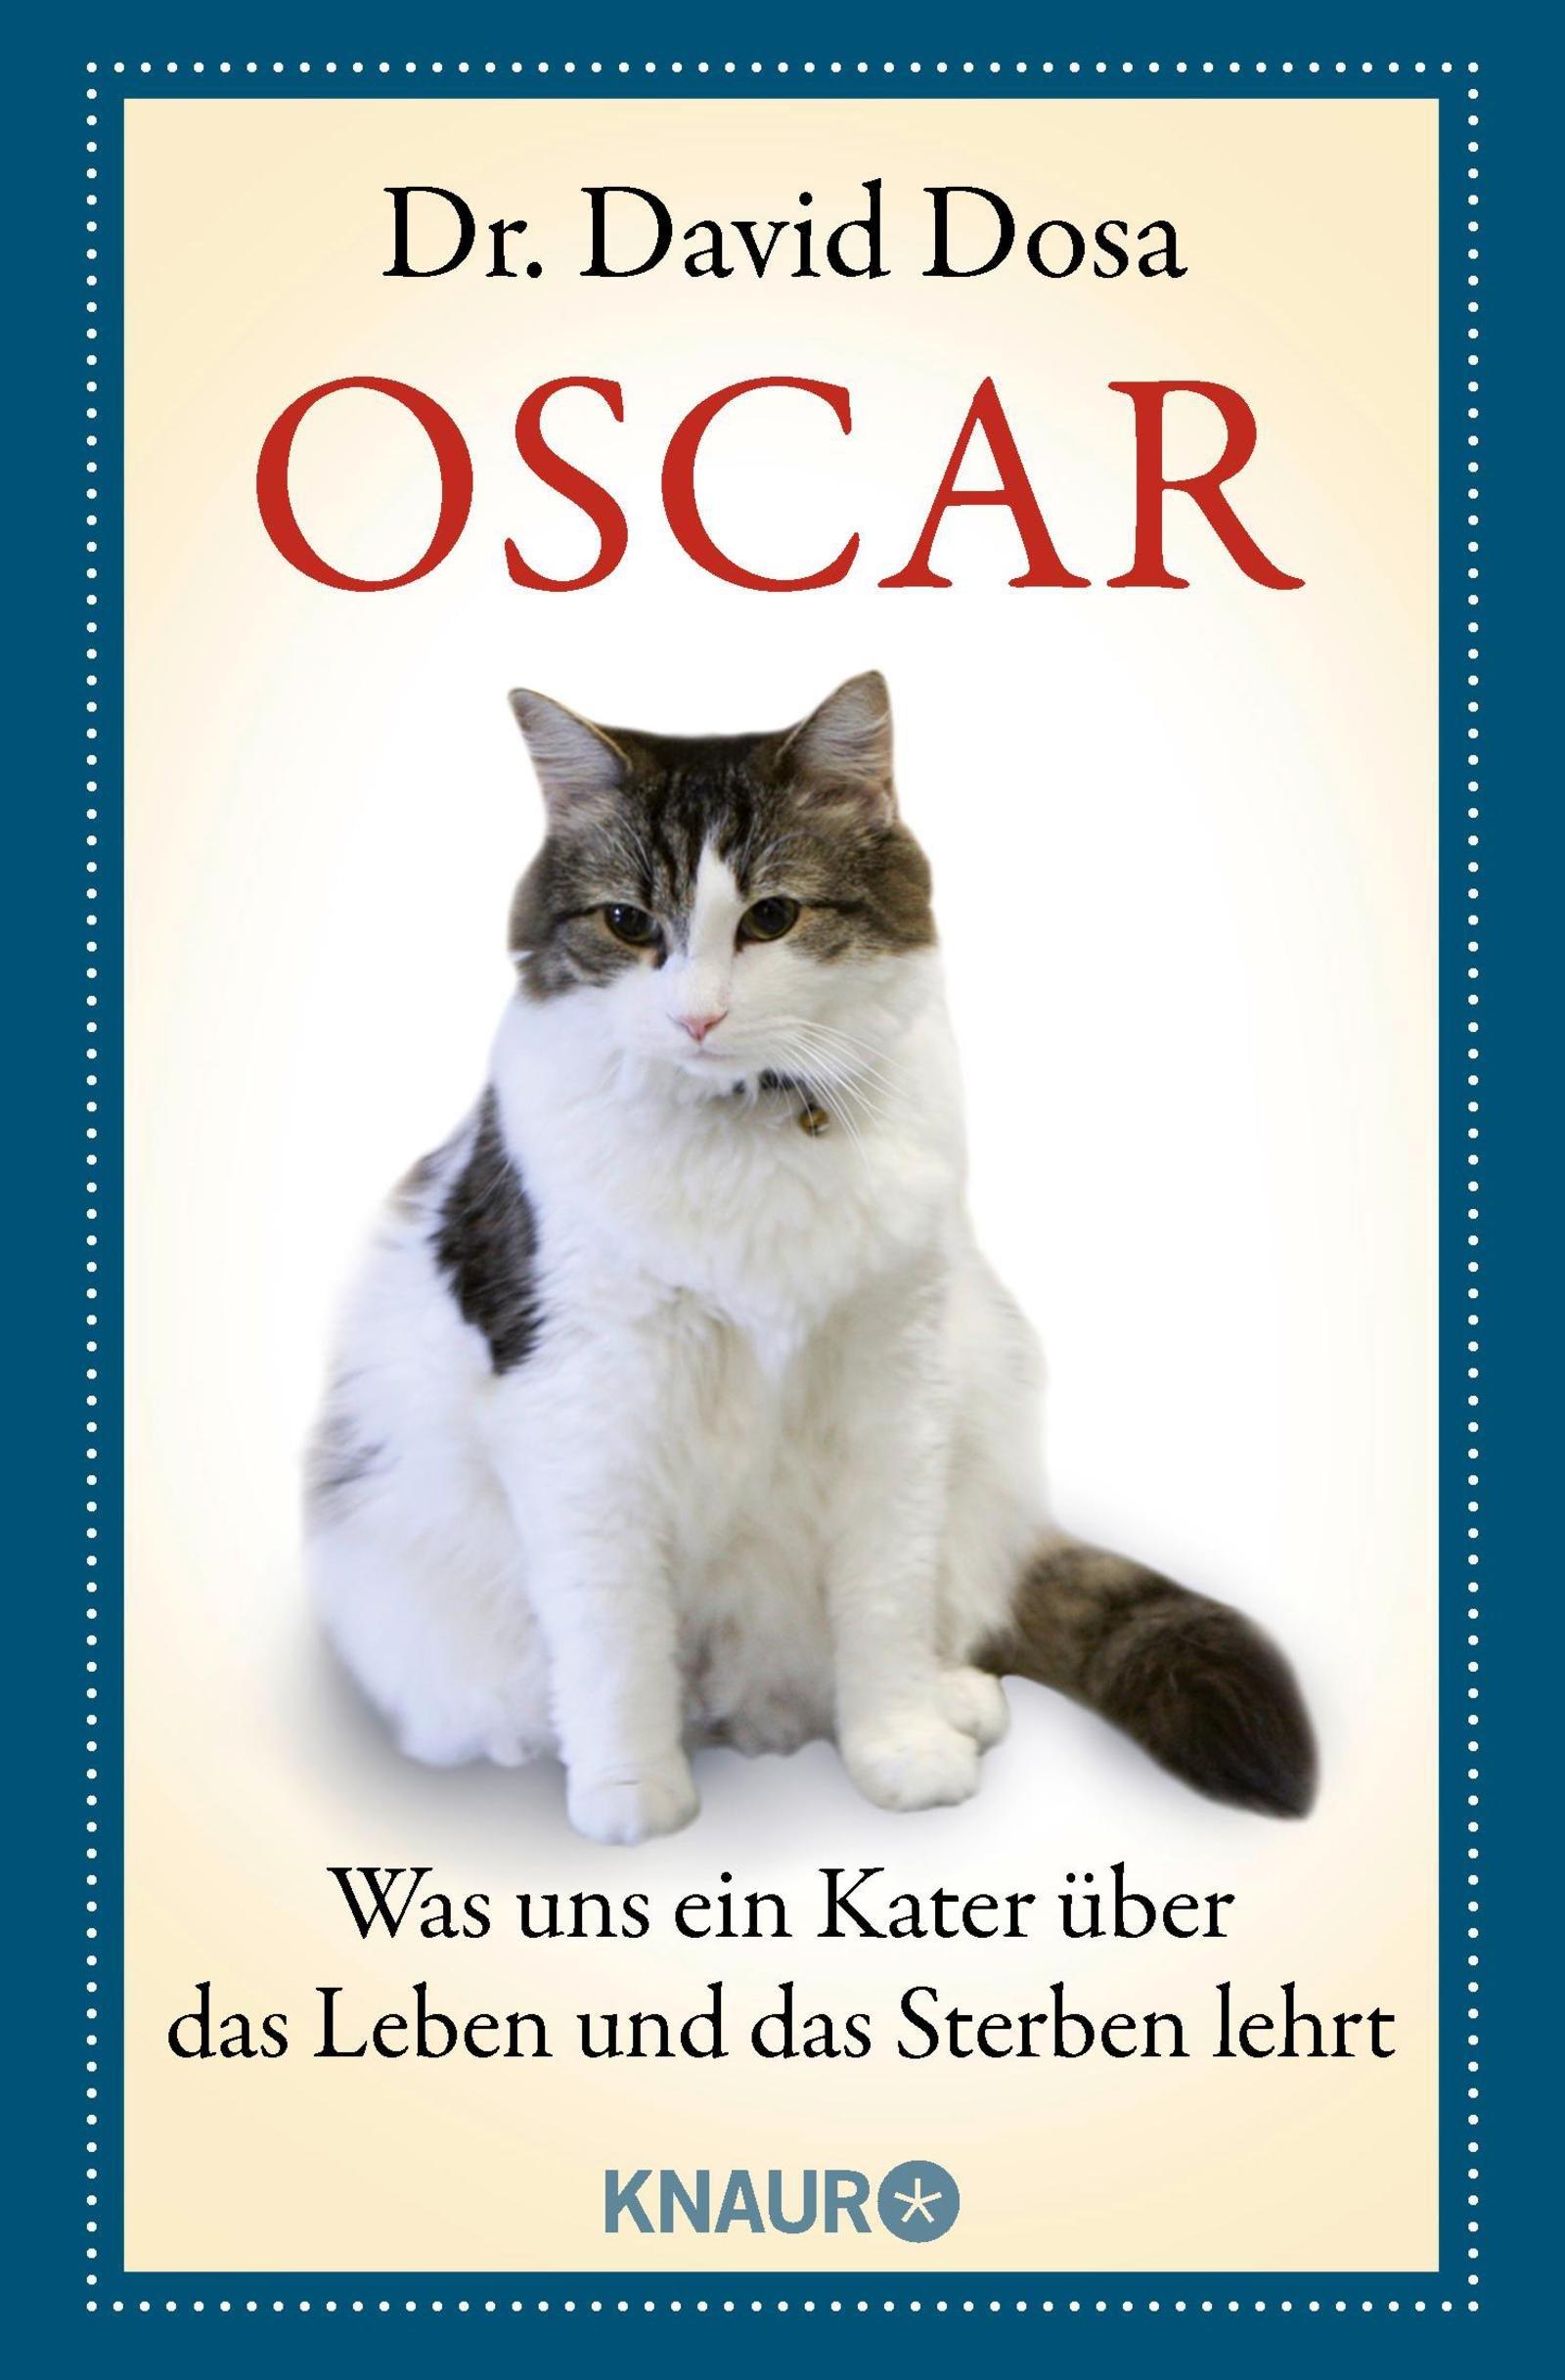 Oscar: Was uns ein Kater über das Leben und das Sterben lehrt Taschenbuch – 3. September 2012 Dr. David Dosa Knaur TB 3426781786 2000 bis 2009 n. Chr.